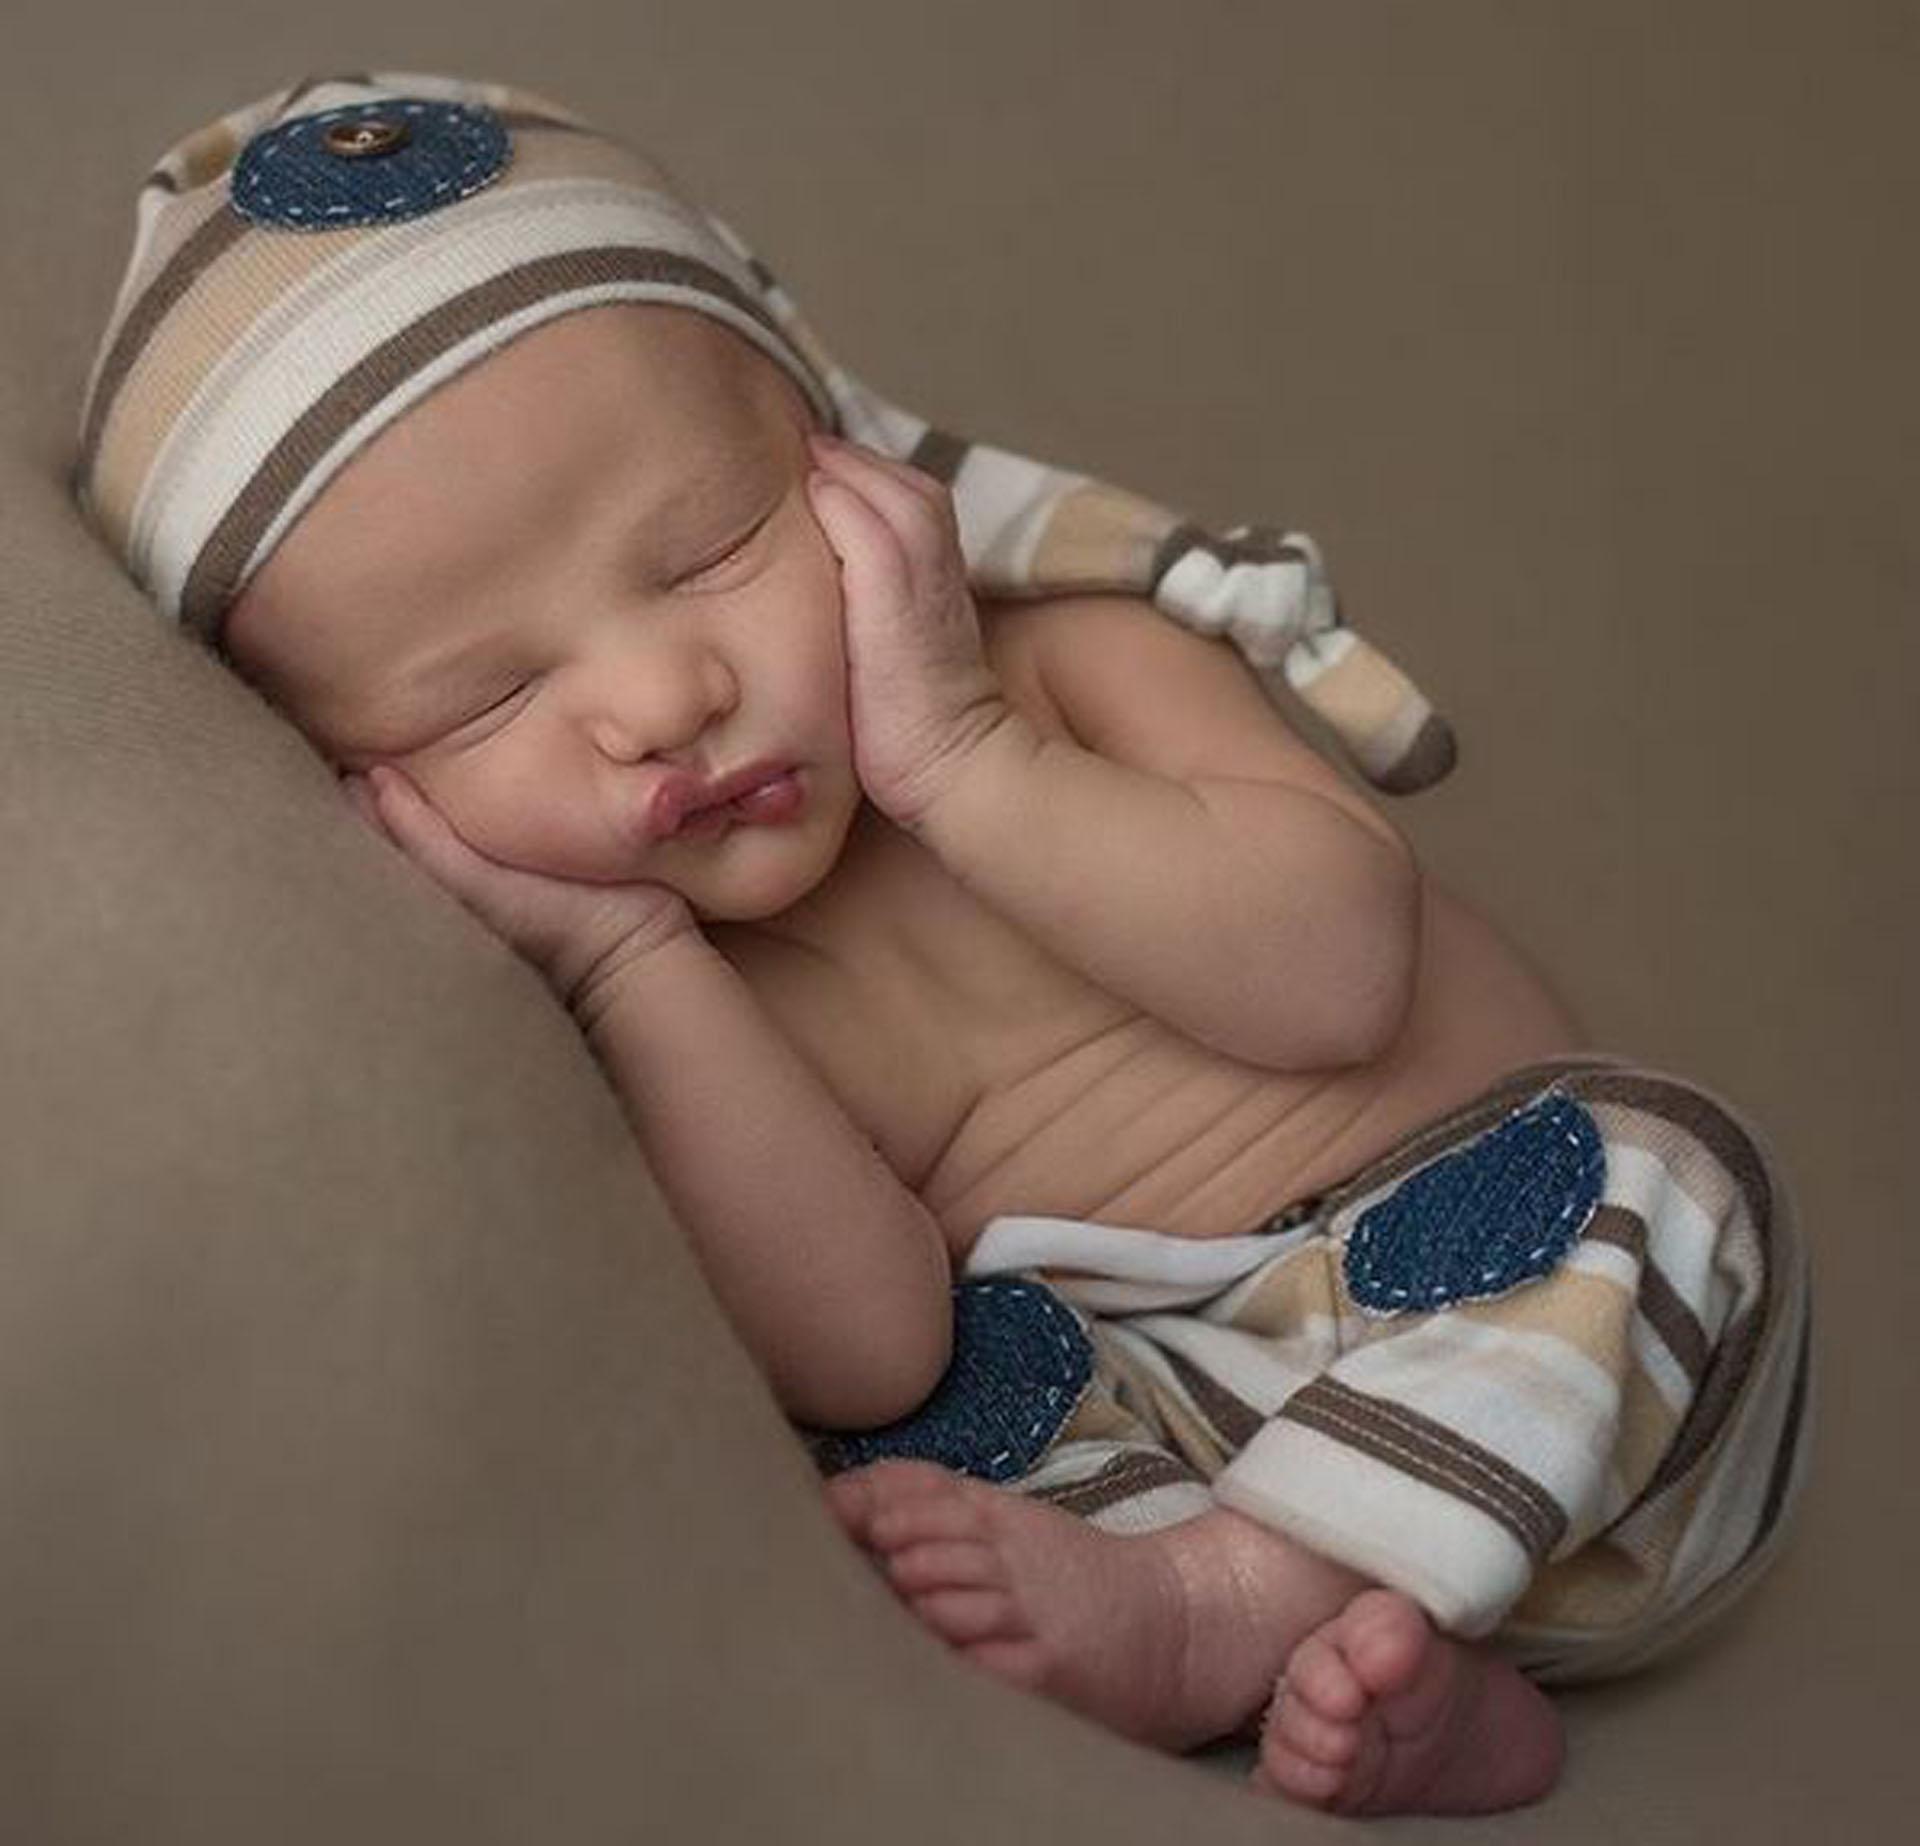 Aquí, muy tierno durmiendo